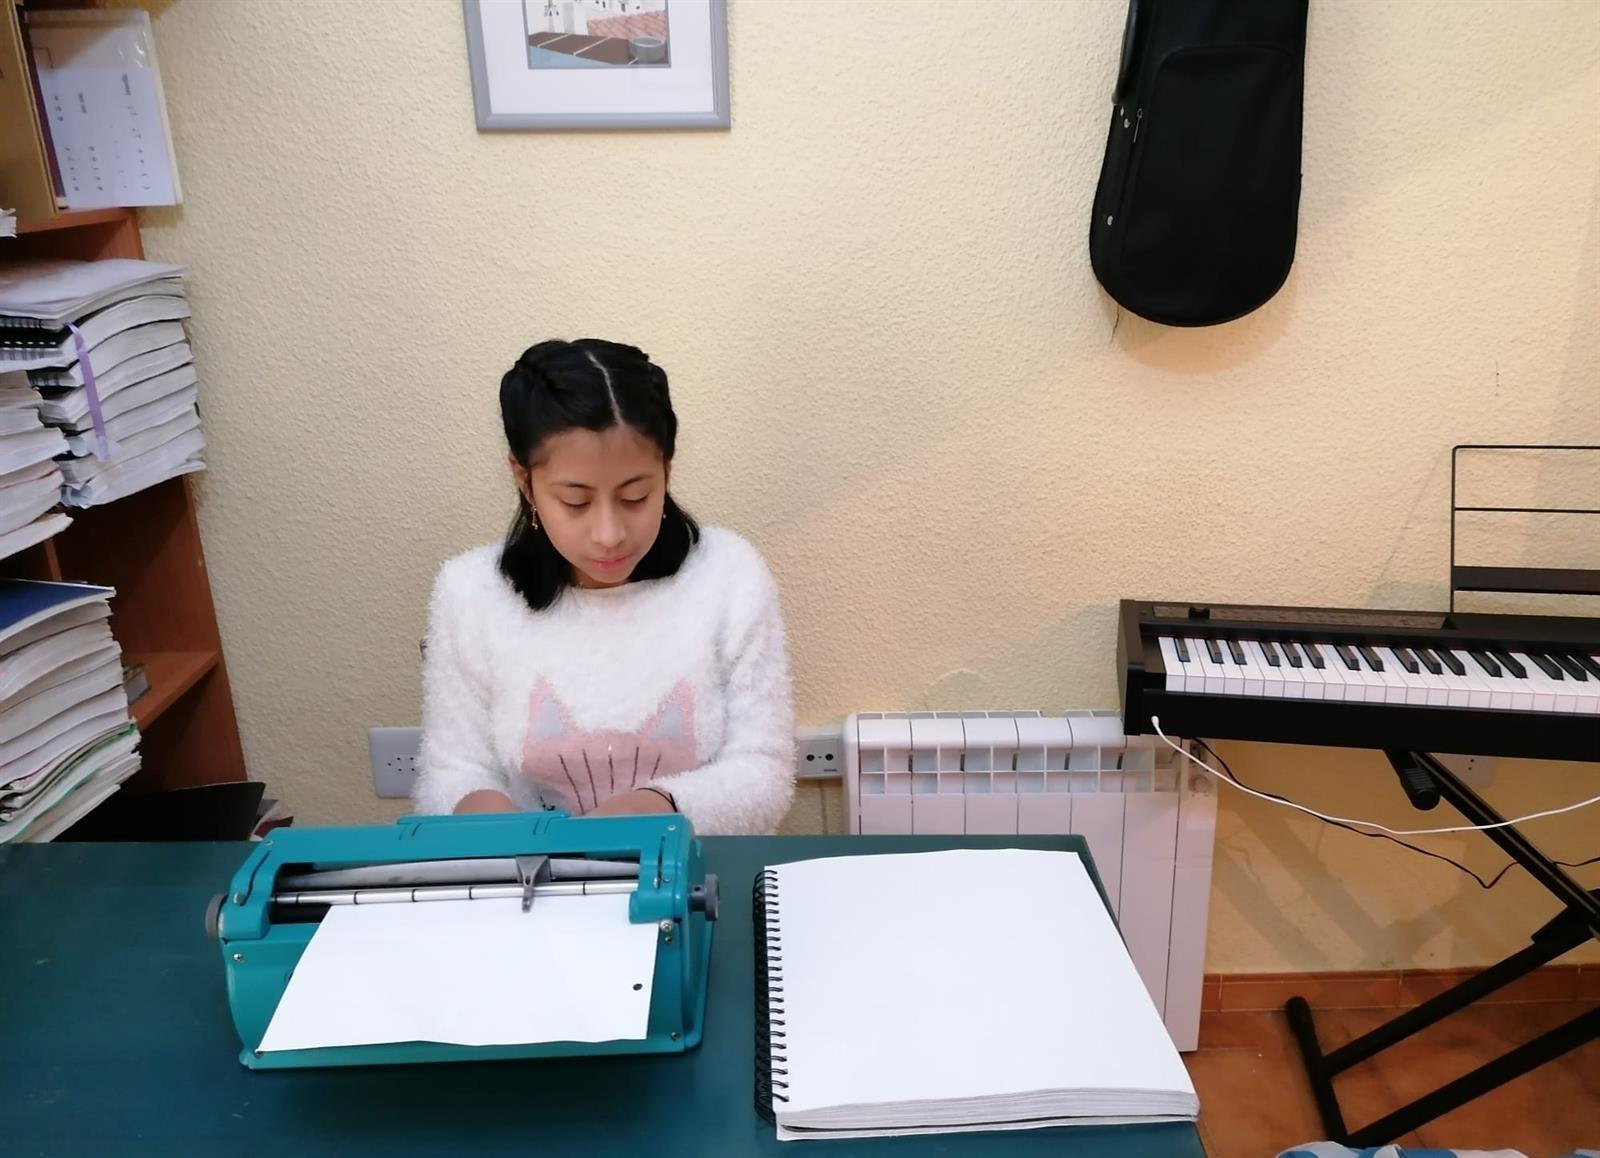 Maestros de la ONCE refuerzan la creatividad de sus alumnos ciegos durante el confinamiento